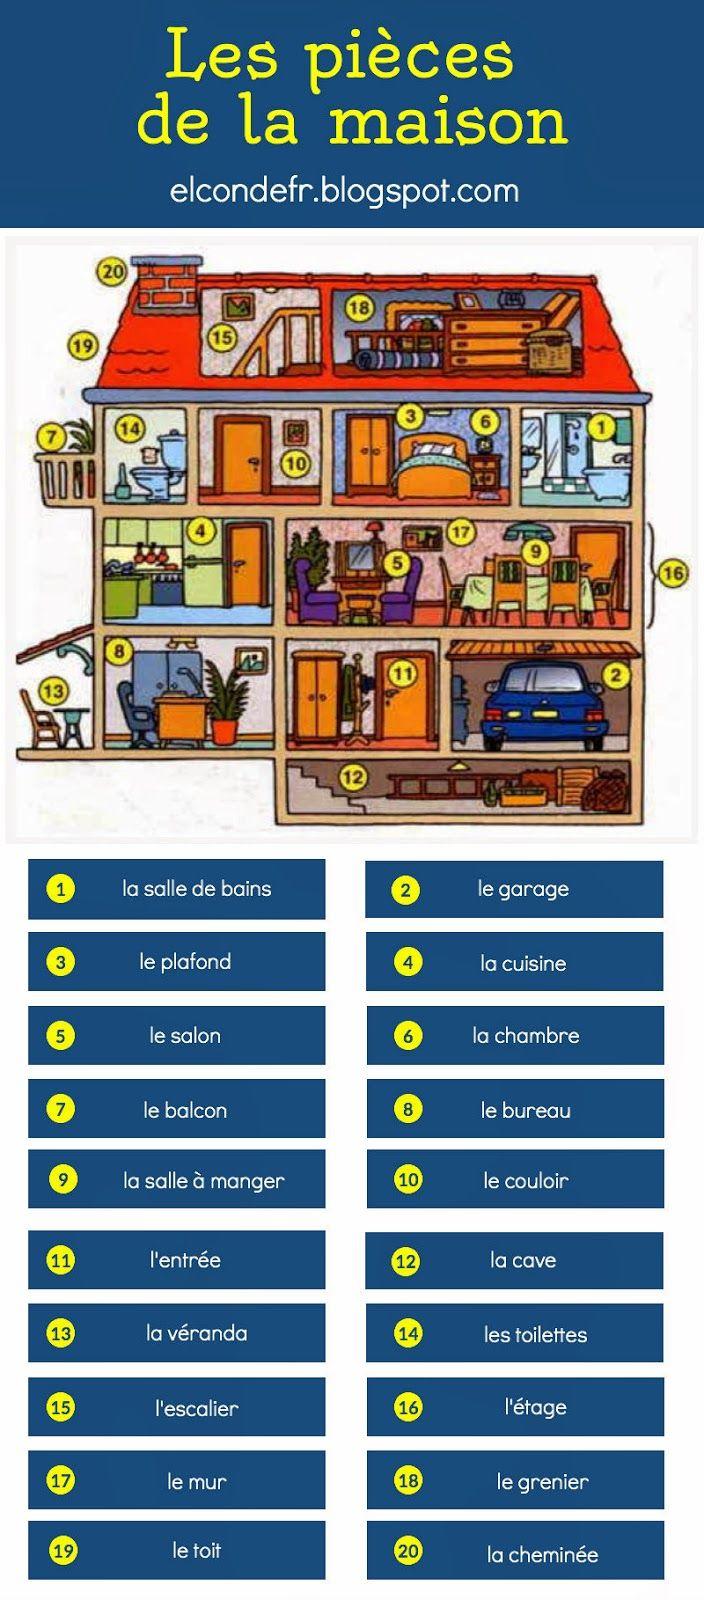 Découvre les pièces de la maison en français - parts of the house in French